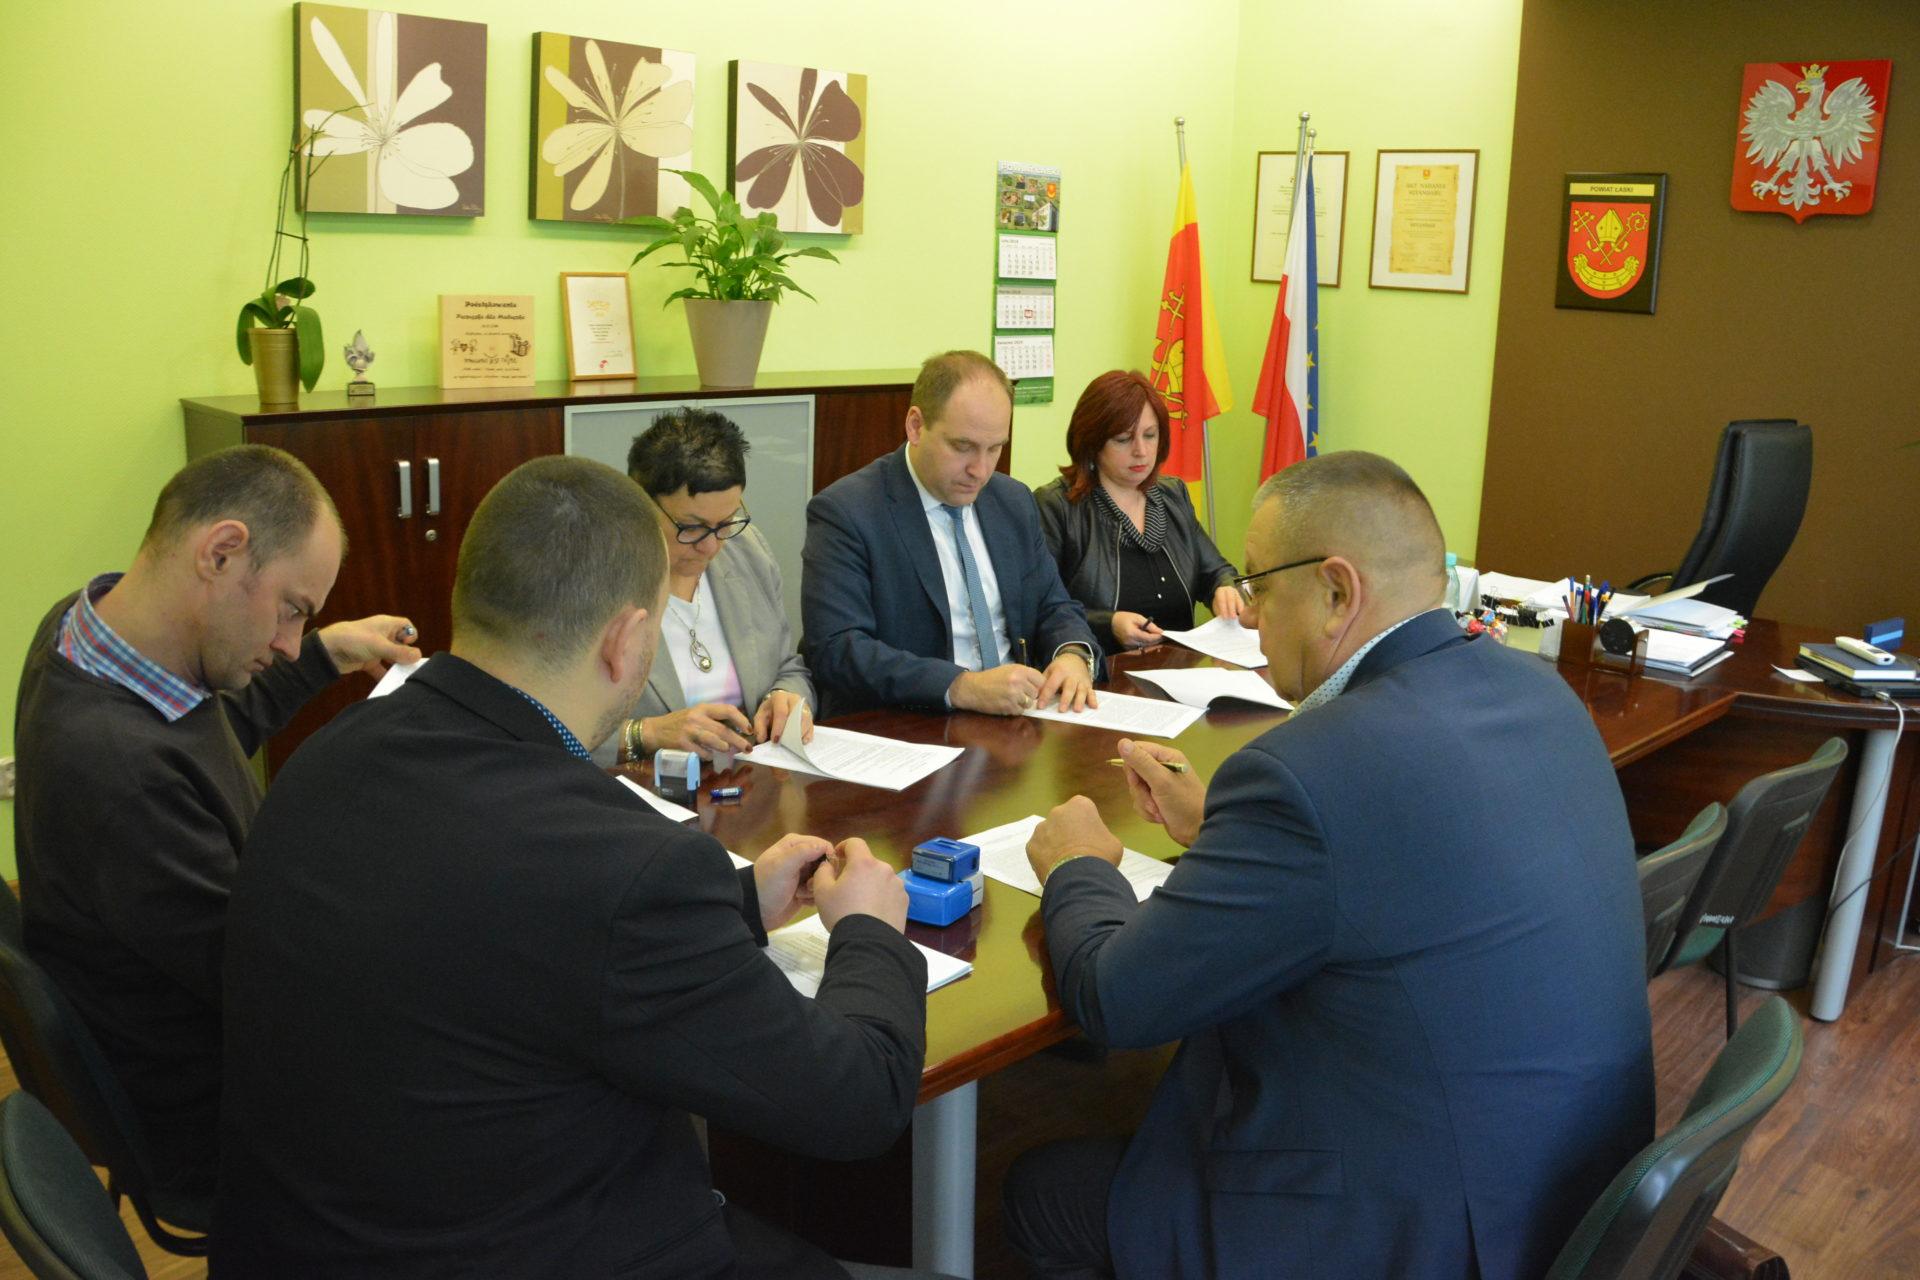 Powiat Łaski podpisał umowę na przebudowę ponad kilometrowego odcinka drogi powiatowej Nr 2310E Widawa-Zawady